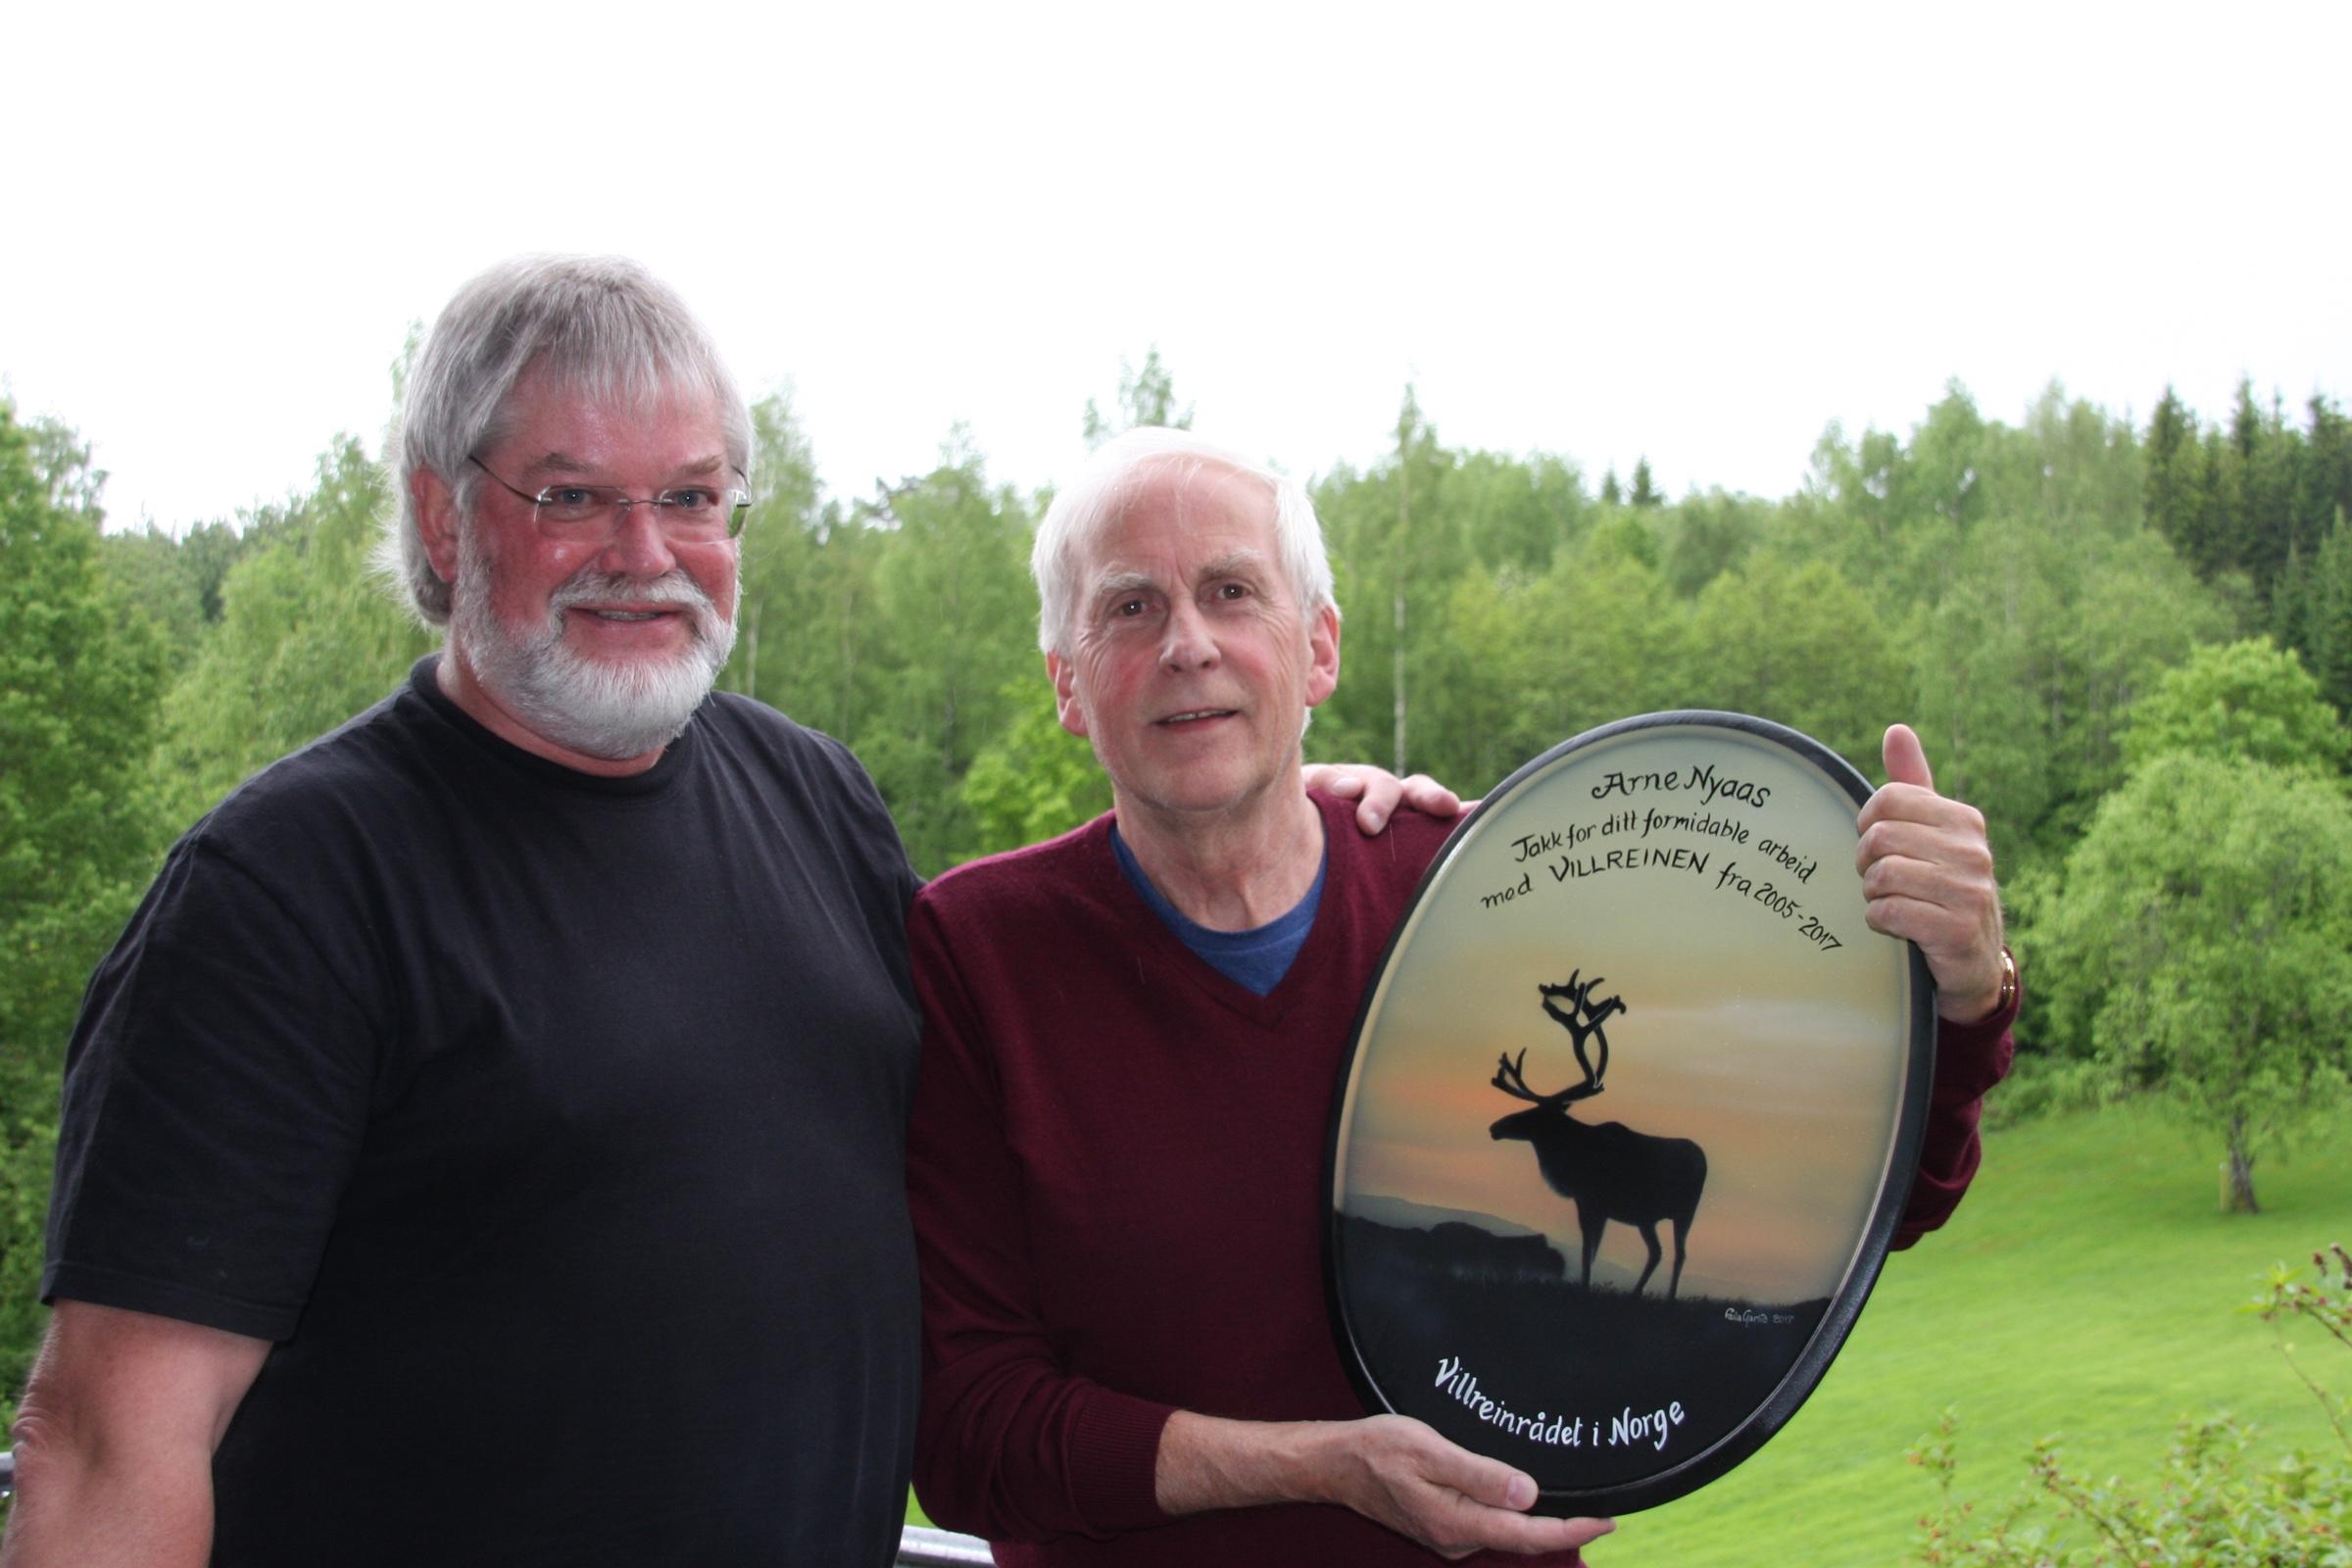 Leder for Villreinrådet i Norge,Øystein Landsgård (t.v),takker Arne Nyaas for hans mangeårig innsats som redaktør for Villreinen.